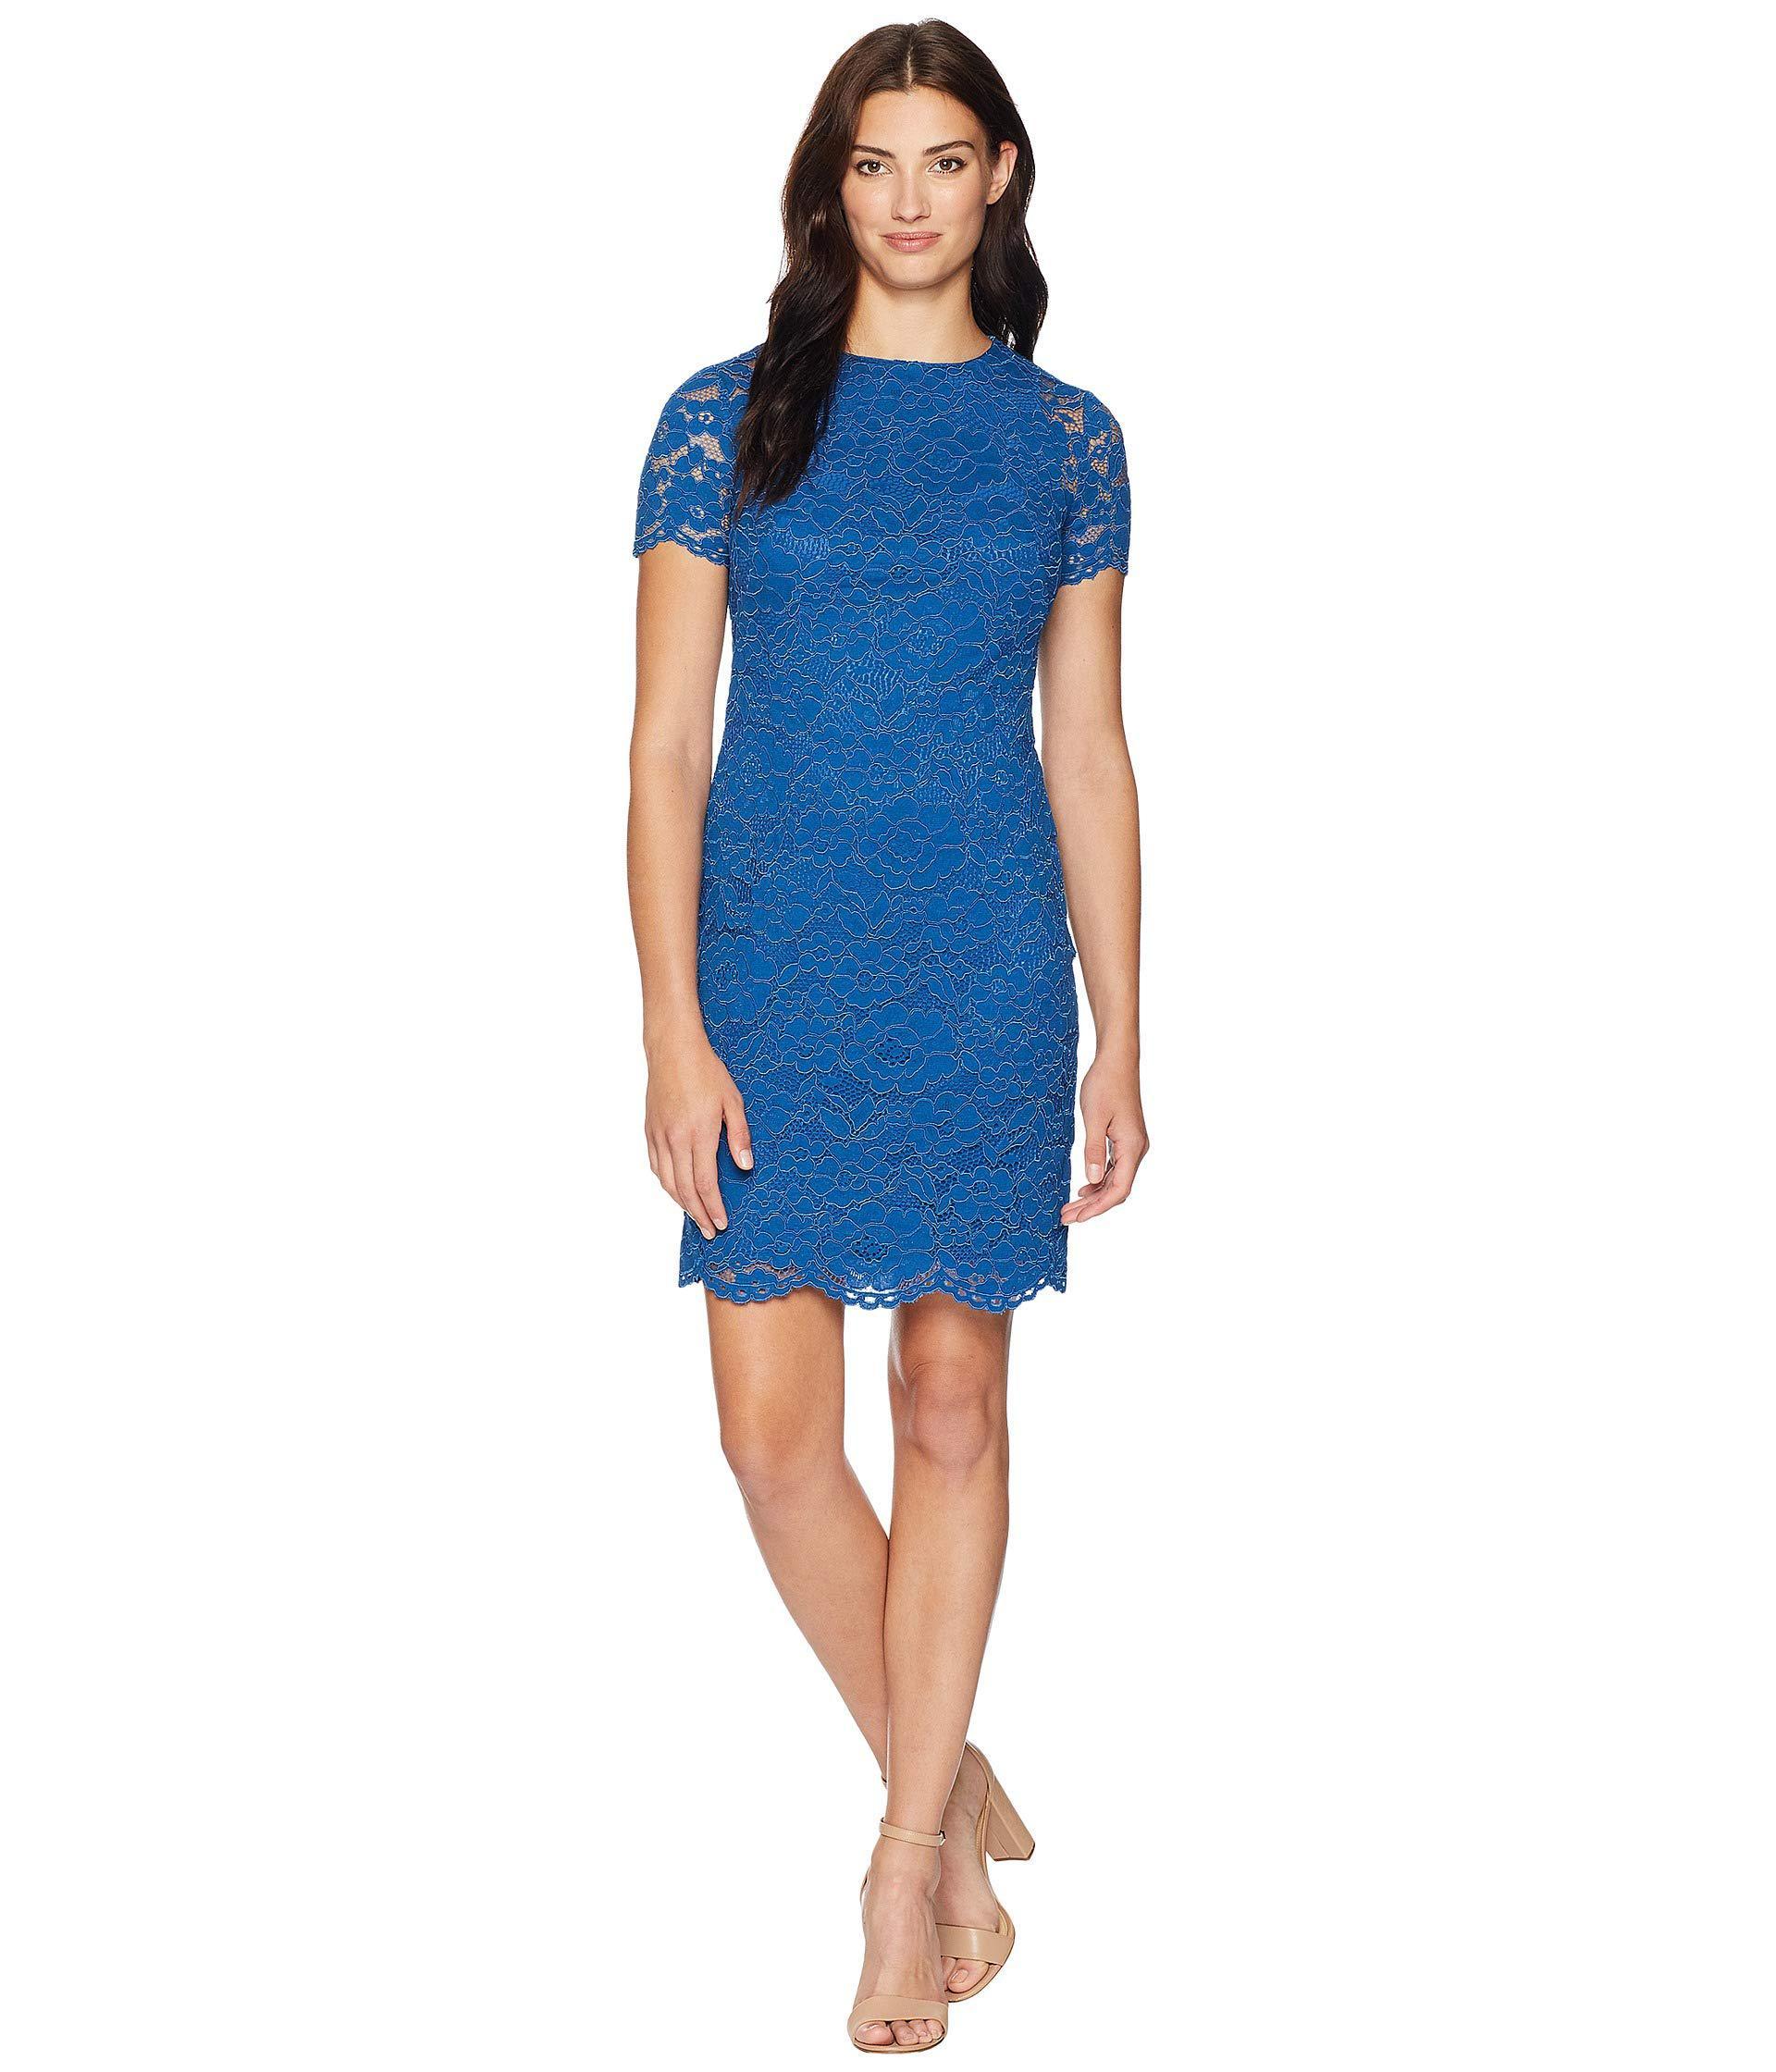 9d1fe9c3e3a Blue Lace Short Sleeve Dress - Data Dynamic AG